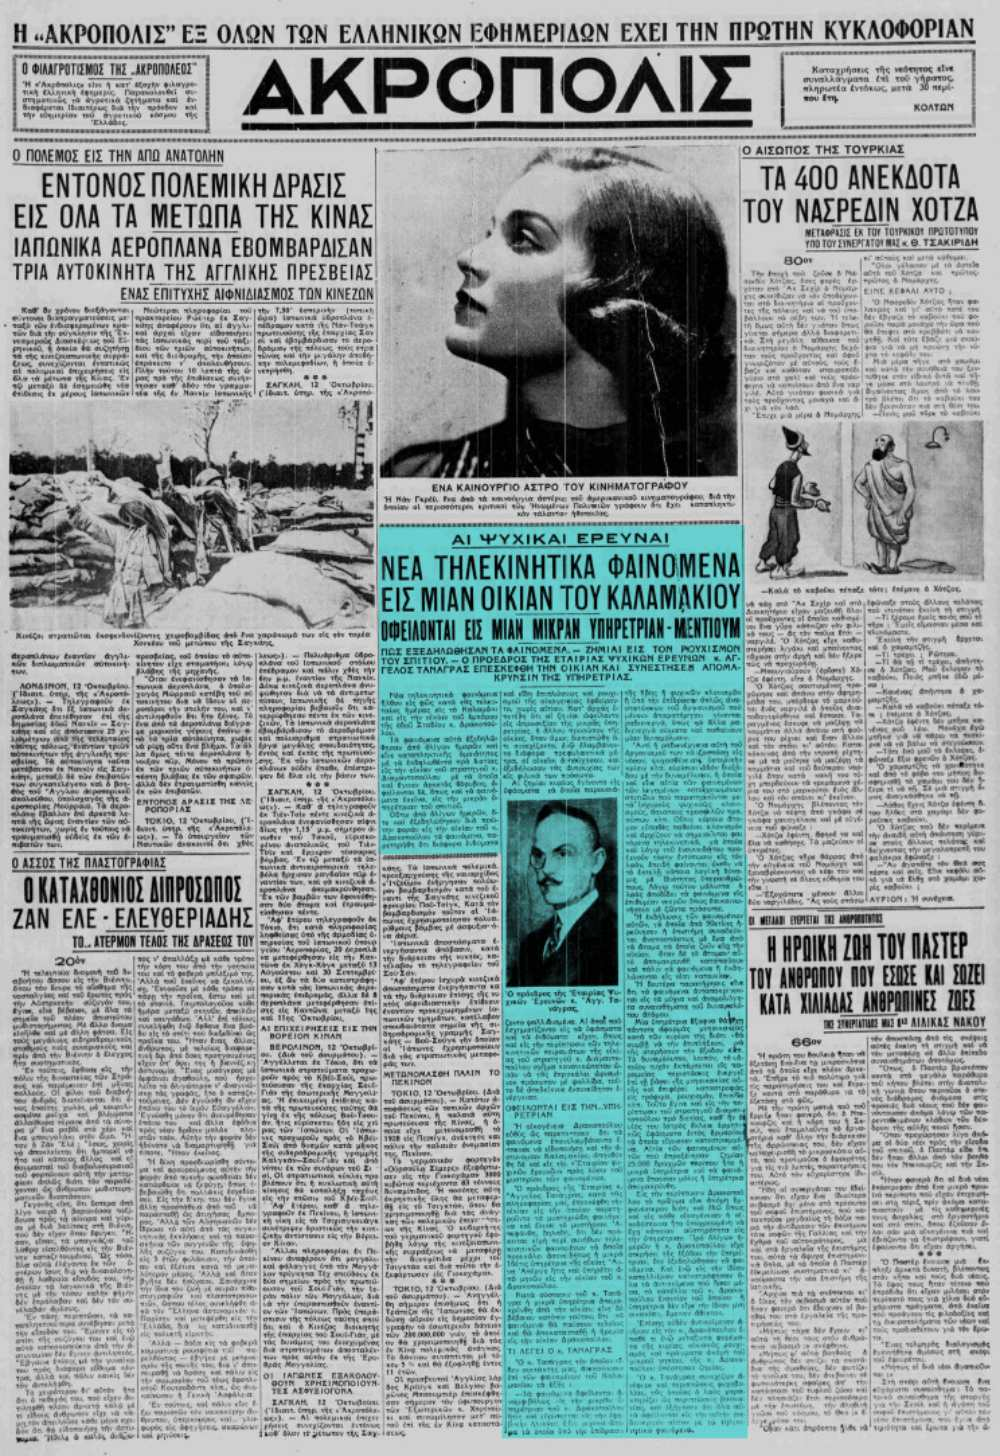 """Το άρθρο, όπως δημοσιεύθηκε στην εφημερίδα """"ΑΚΡΟΠΟΛΙΣ"""", στις 13/10/1937"""